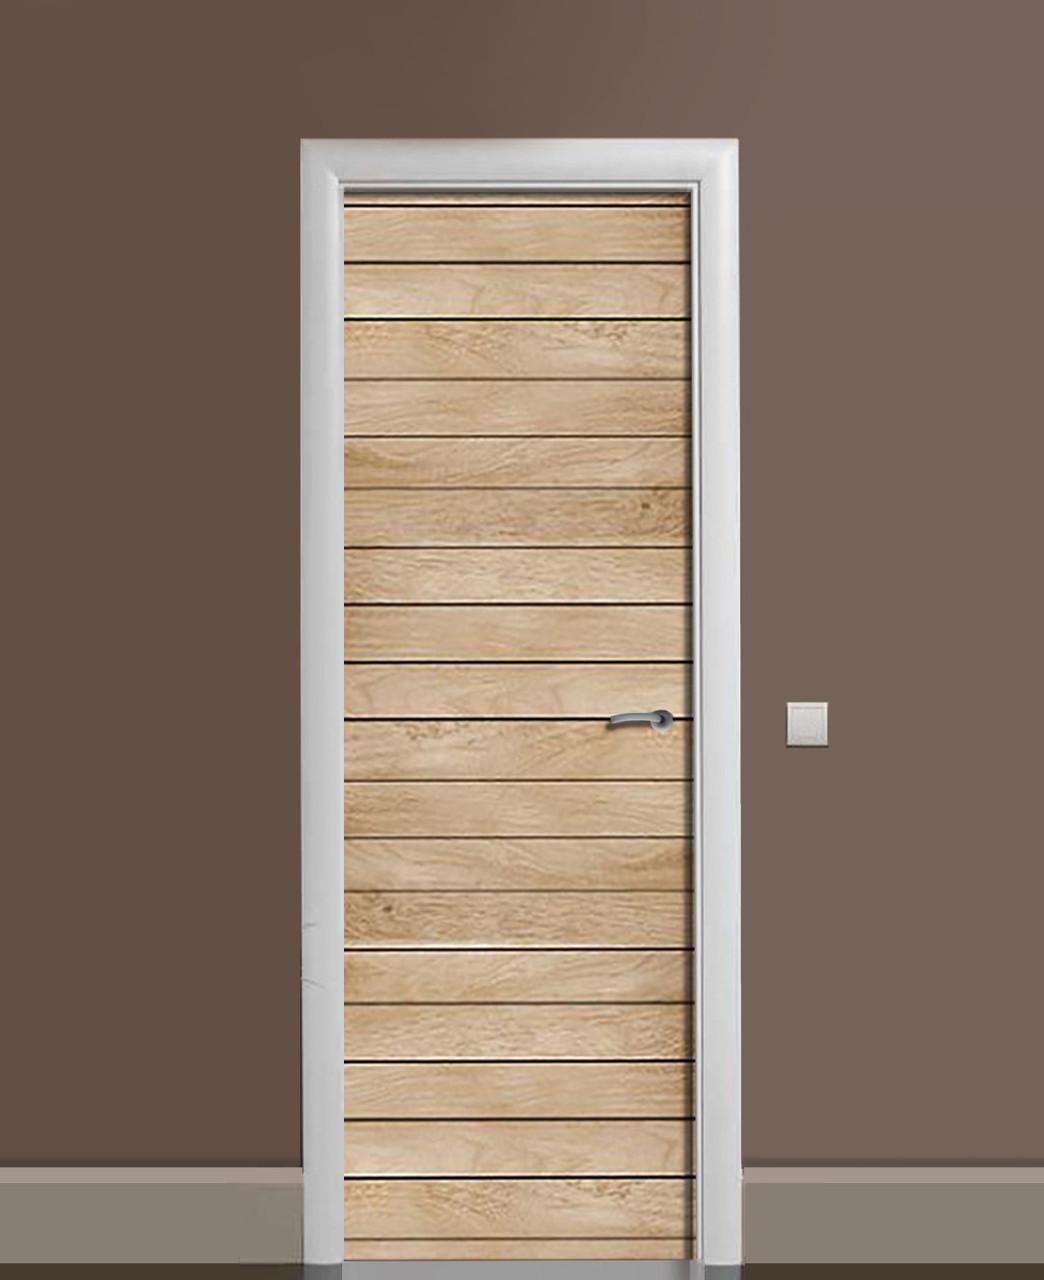 Декор двери Наклейка виниловая Доски Светлое дерево ПВХ пленка с ламинацией 65*200см Текстуры Бежевый